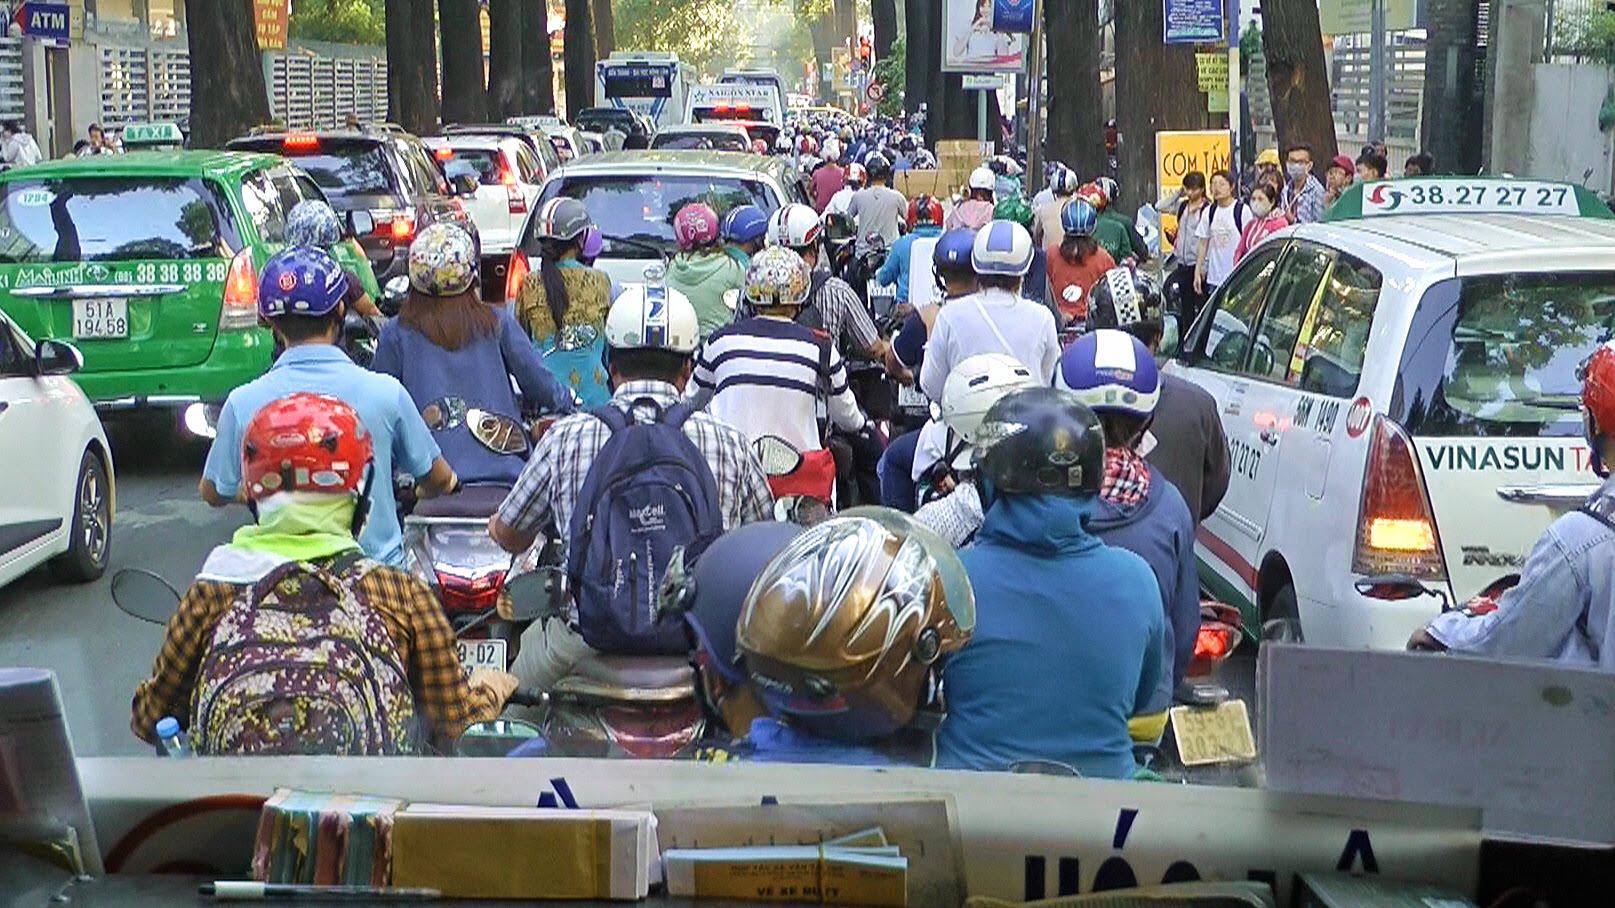 Chuyện giao thông kiểu đàn cừu ở Việt Nam